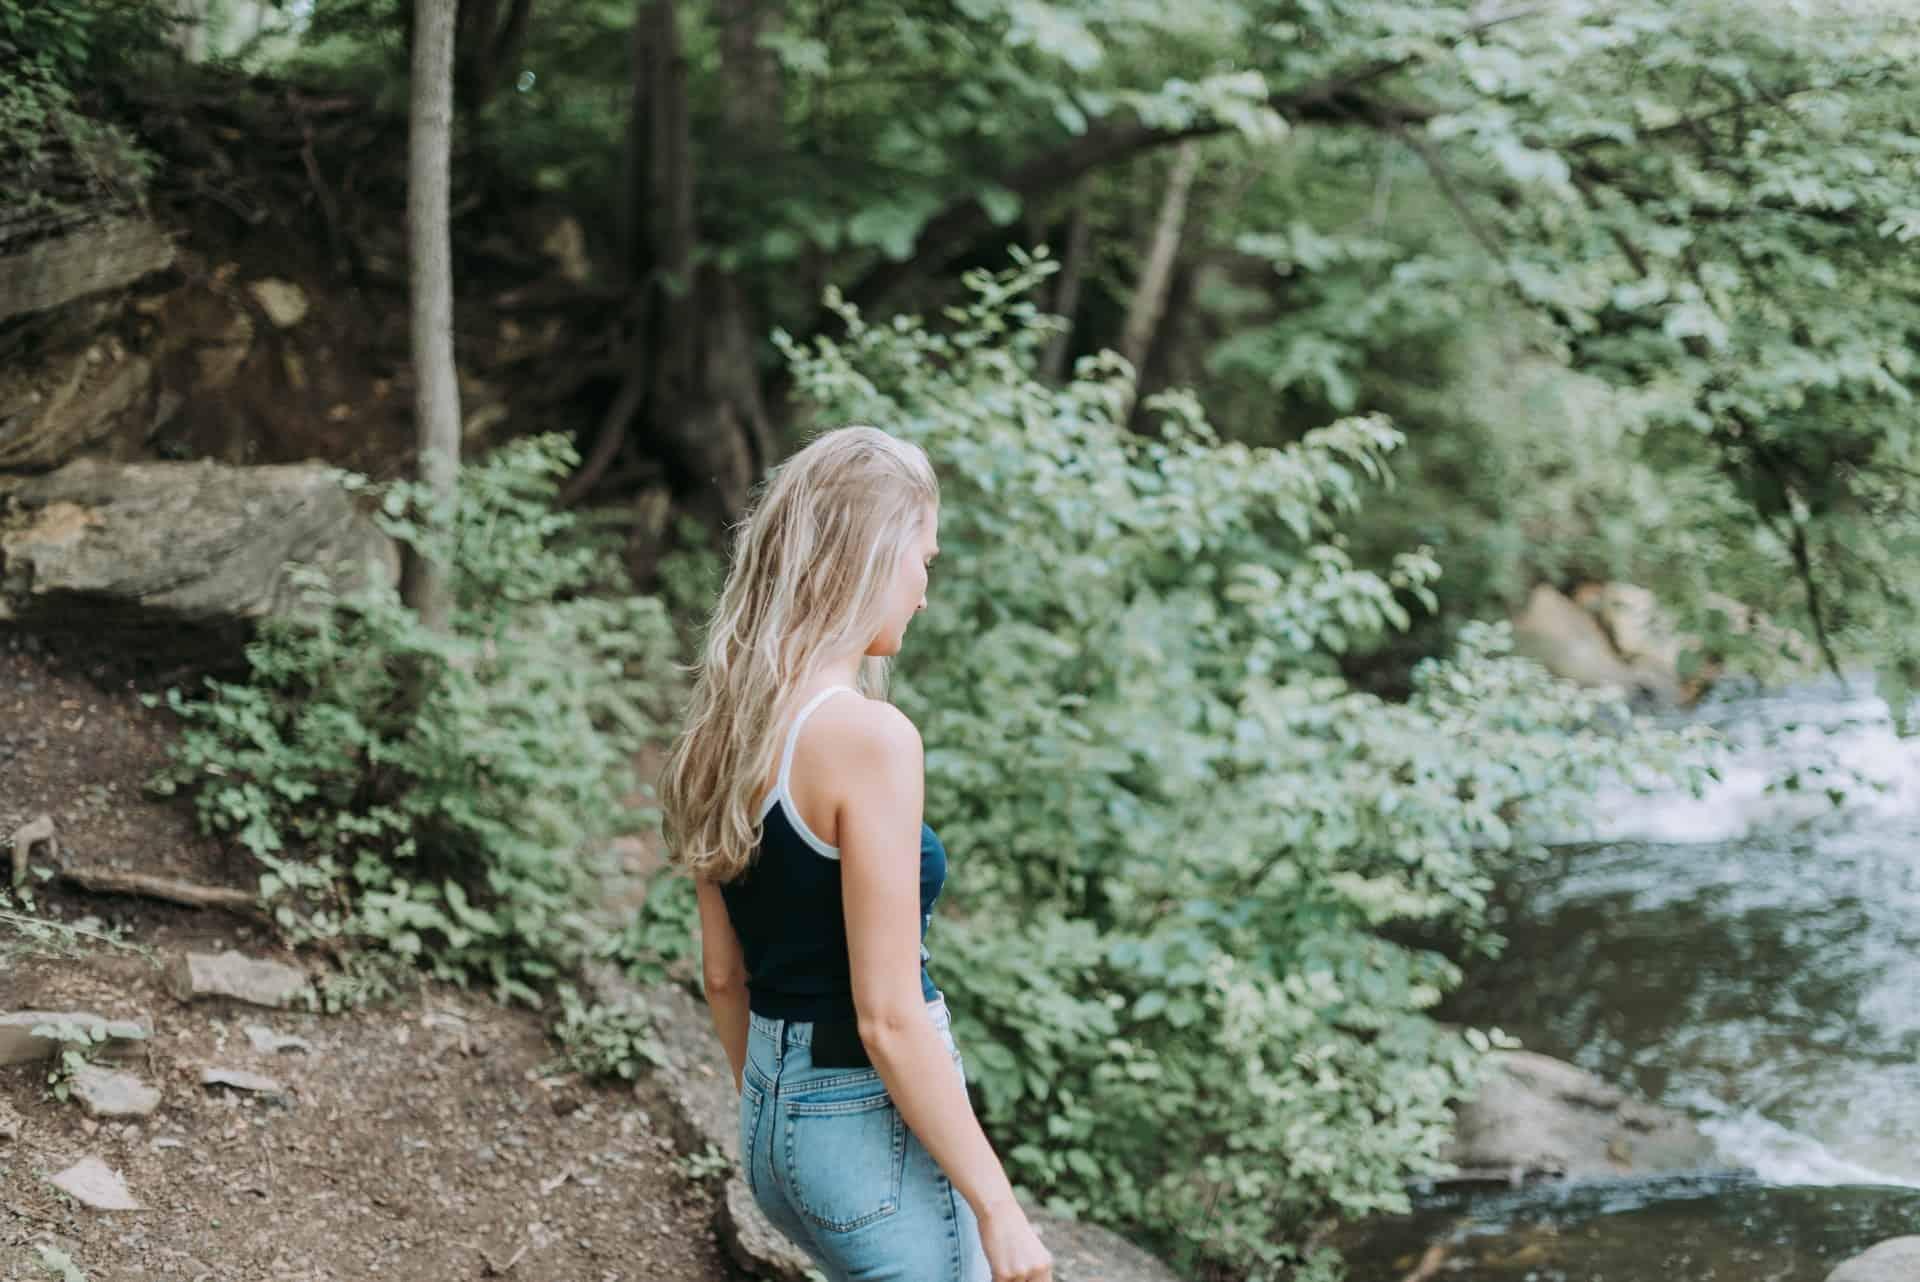 Eine blonde Frau sitzt am Fluss